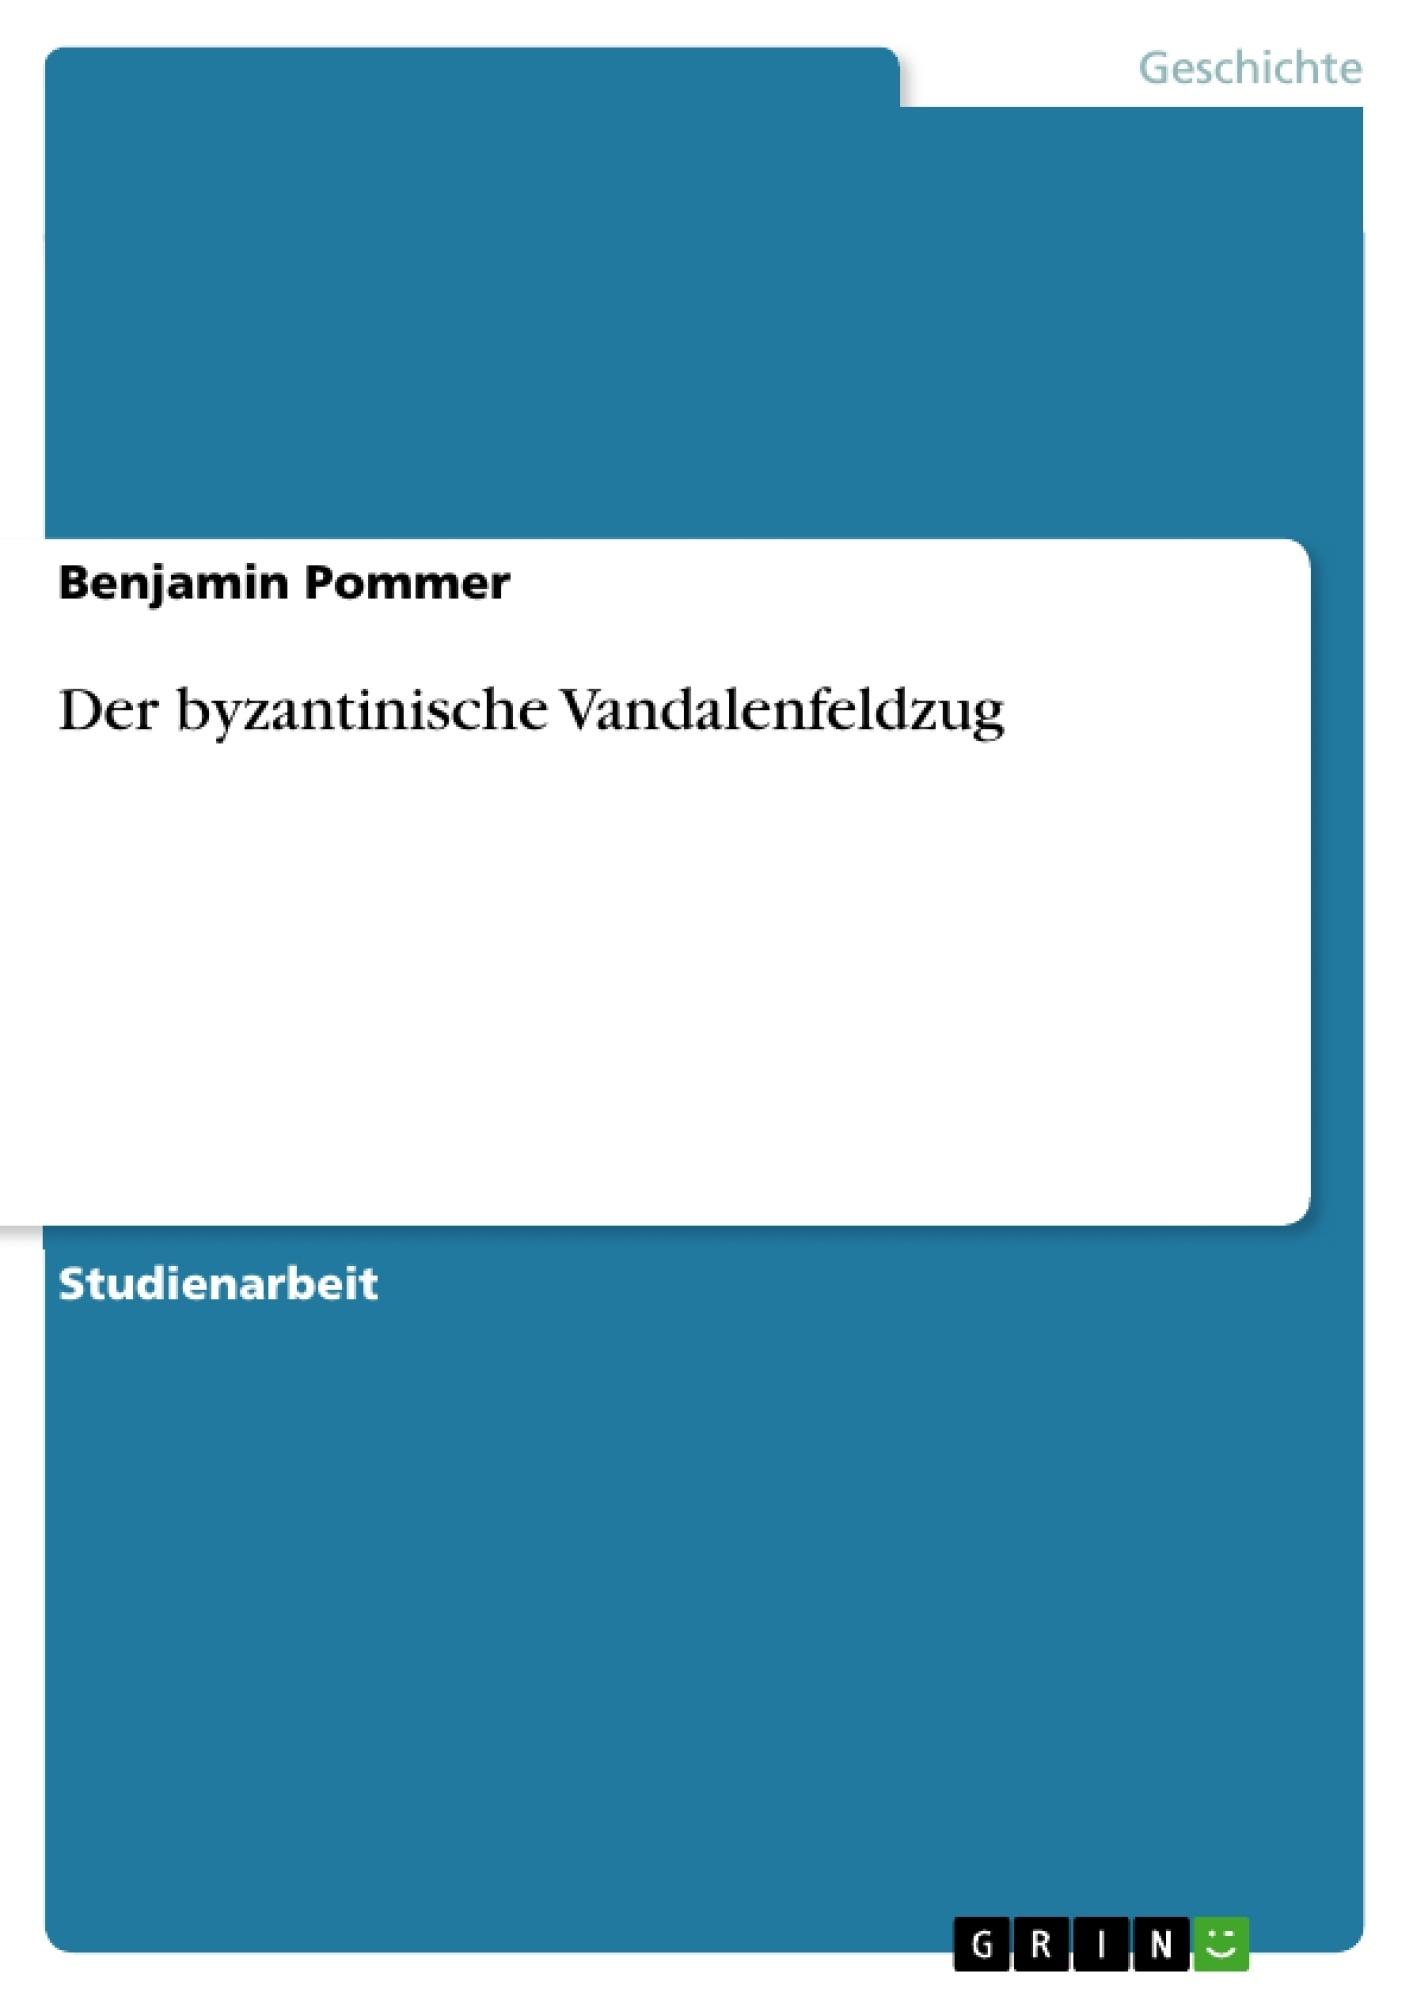 Titel: Der byzantinische Vandalenfeldzug